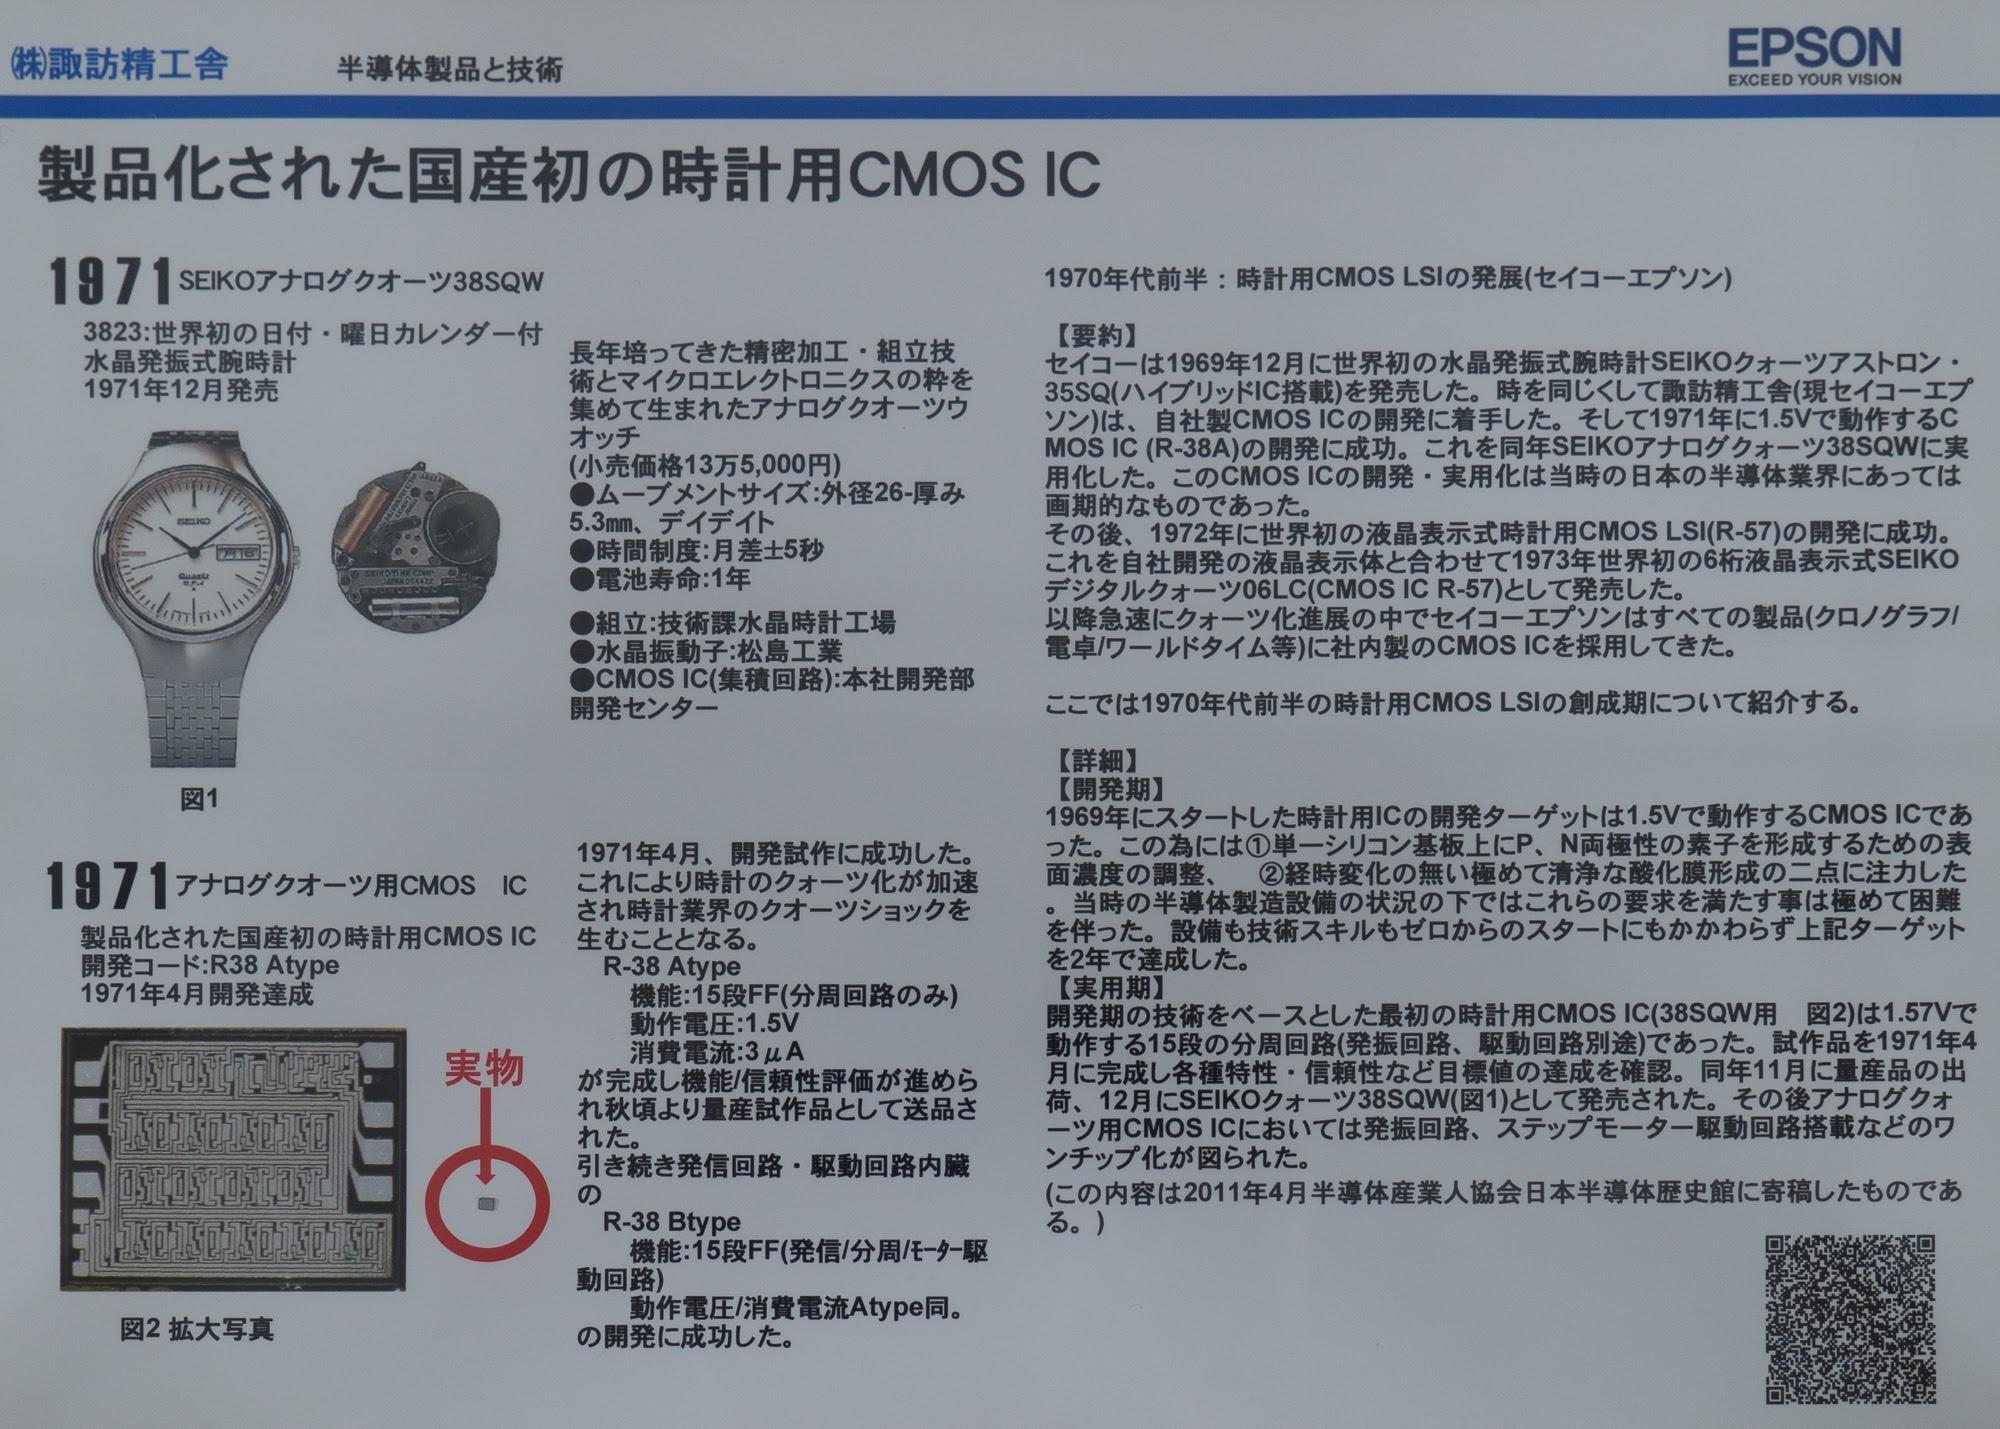 CMOS IC